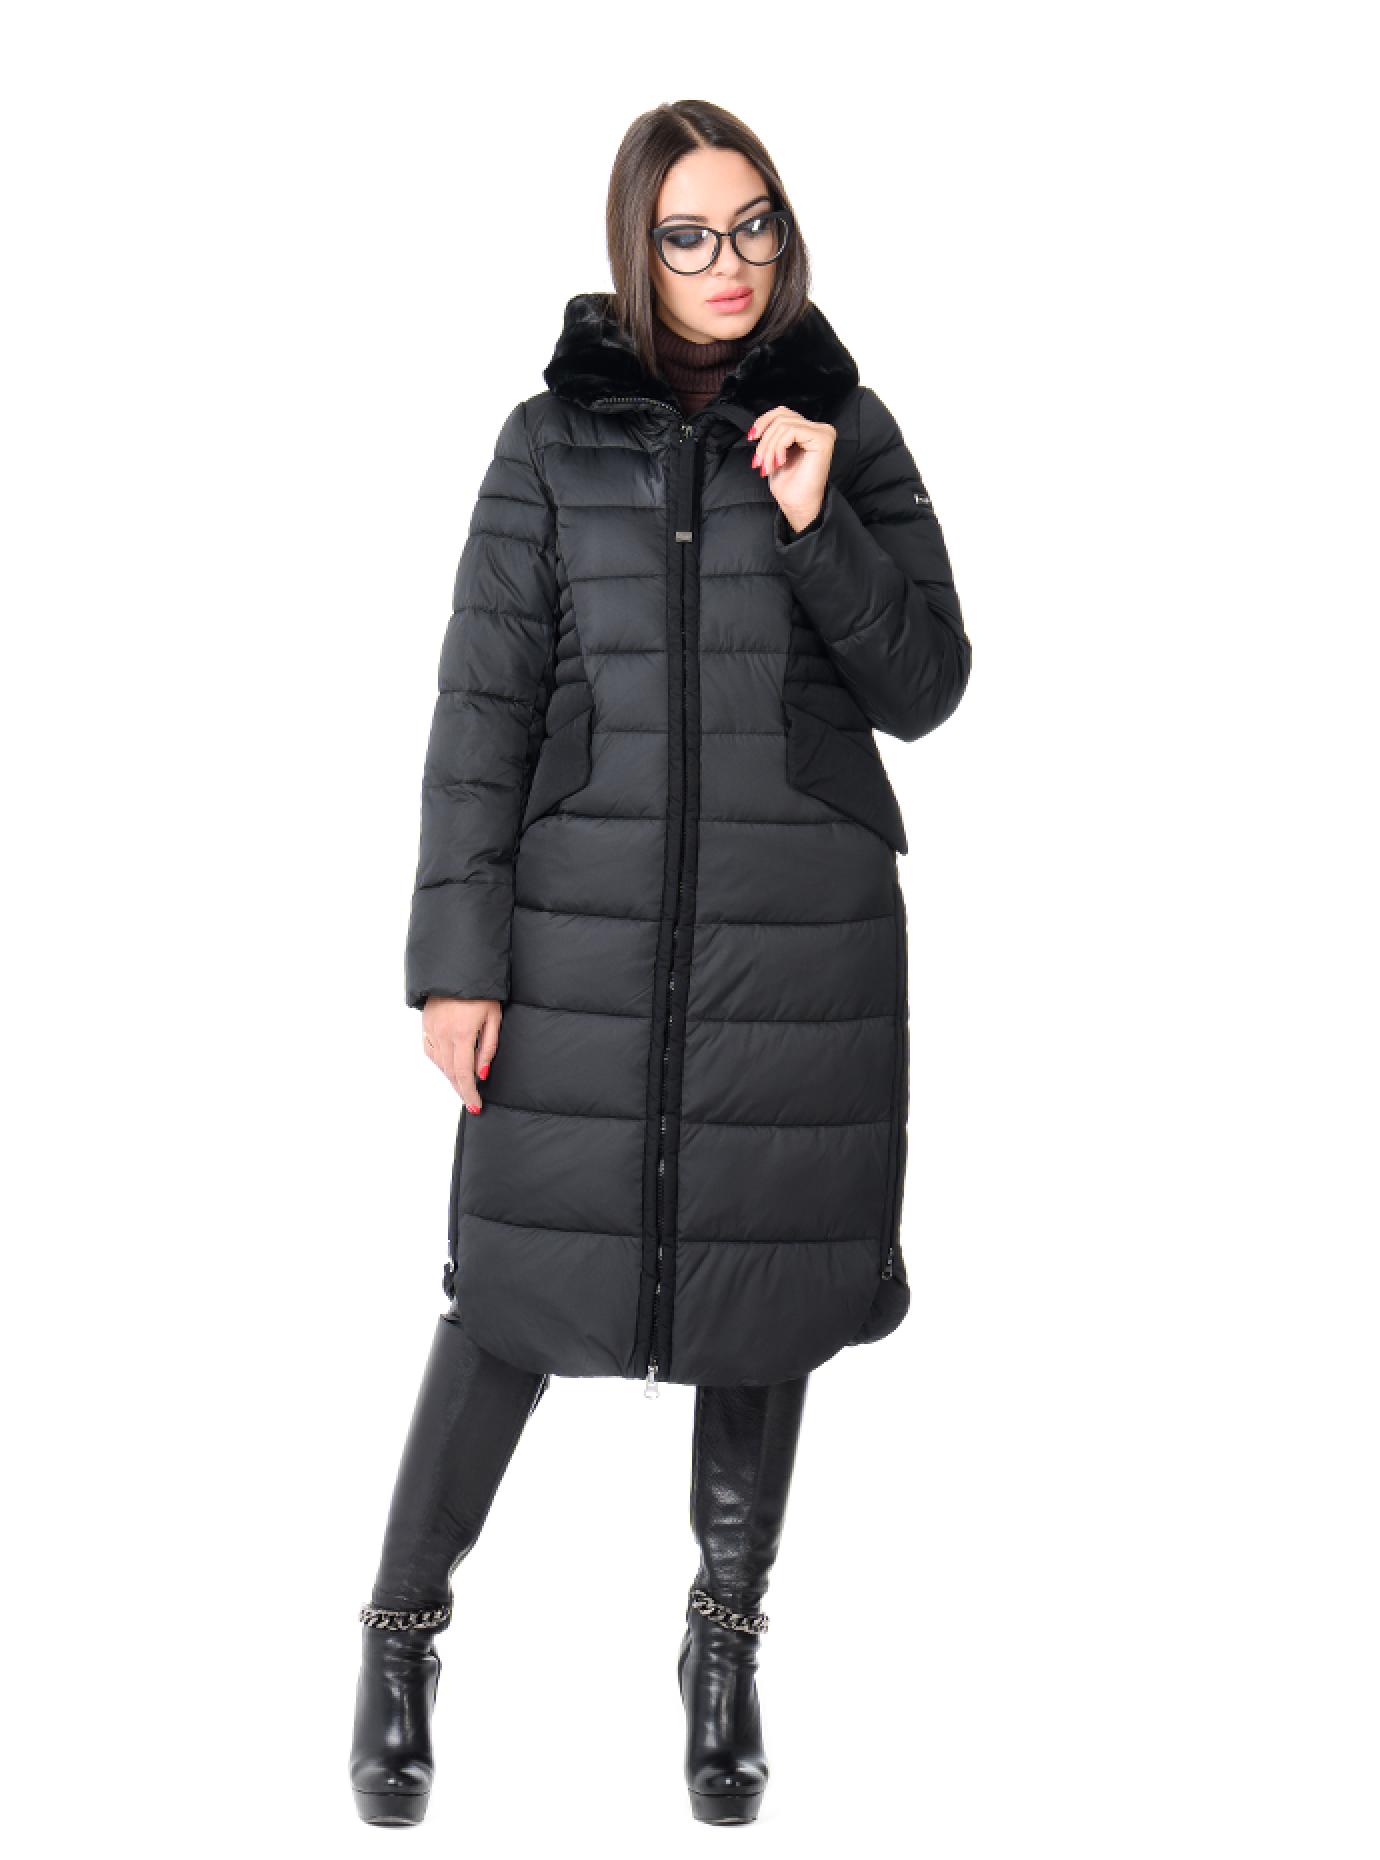 Куртка зимняя женская на молнии Чёрный S (02-CR170376): фото - Alster.ua